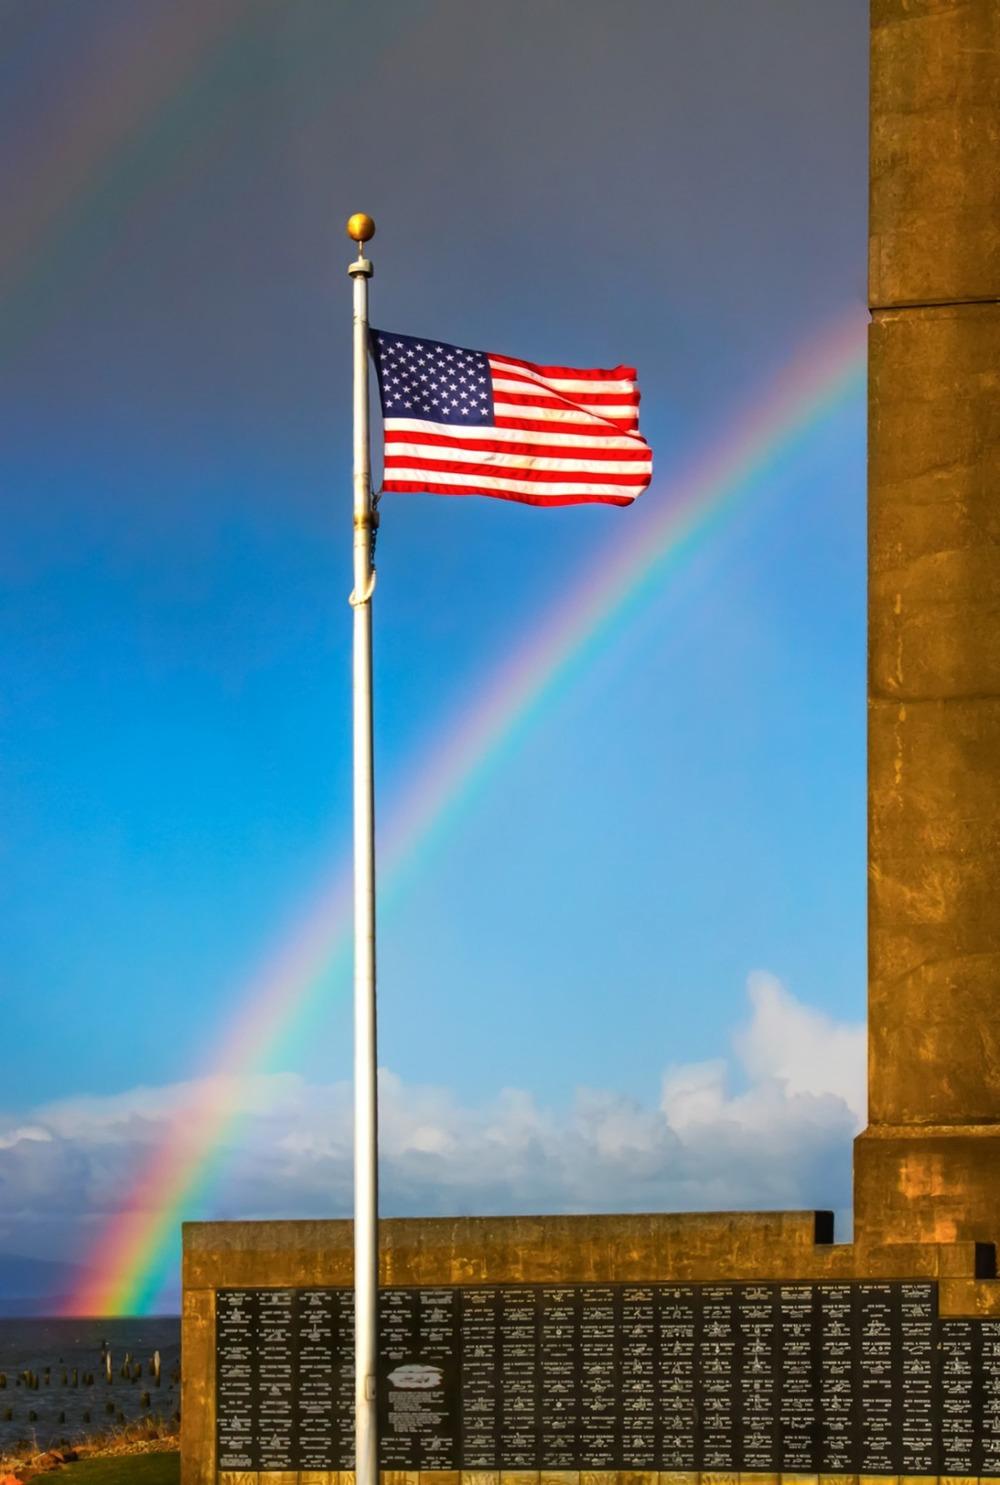 under+your+rainbows-suzanne+cochrane.jpg